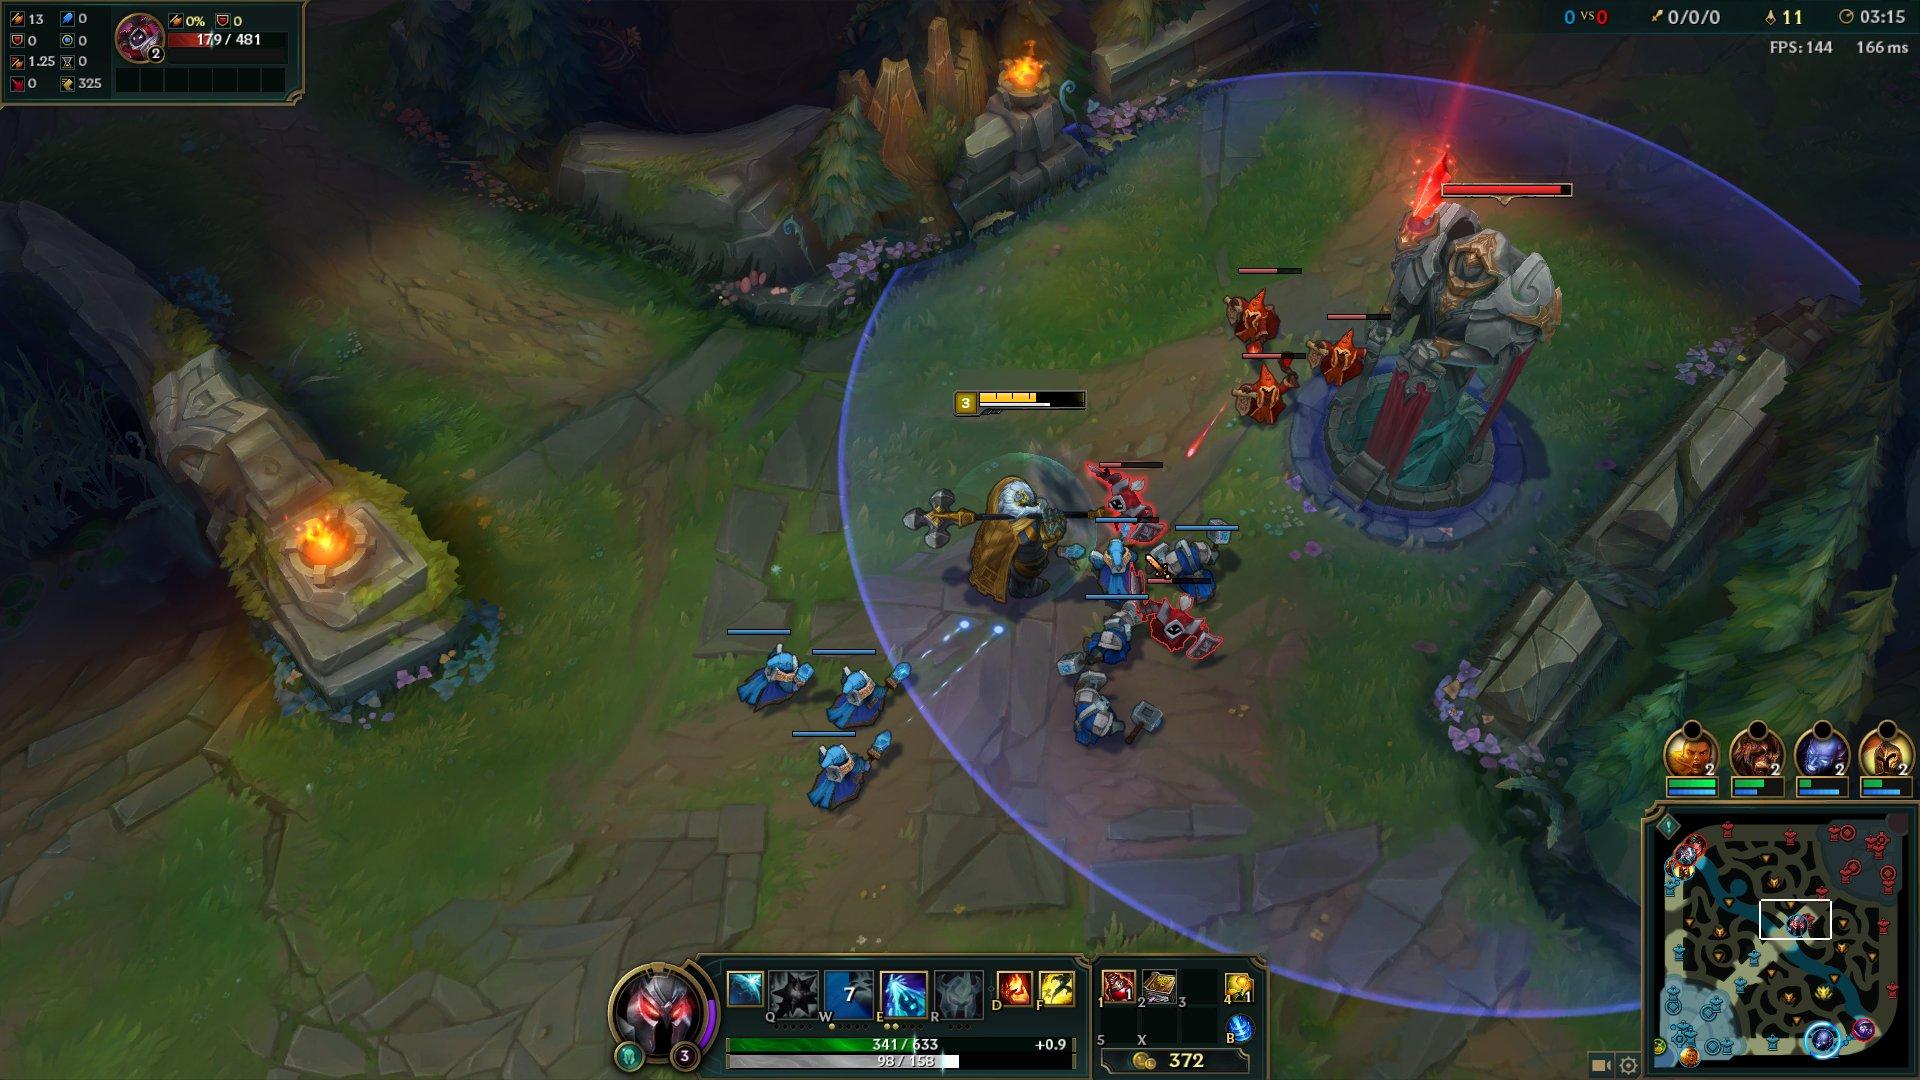 5vs5でタワーを攻め落としていき、最終的に敵陣地の最奥にあるターゲットを落とす。以下に早くチャンピオンを成長させるかが序盤の鍵